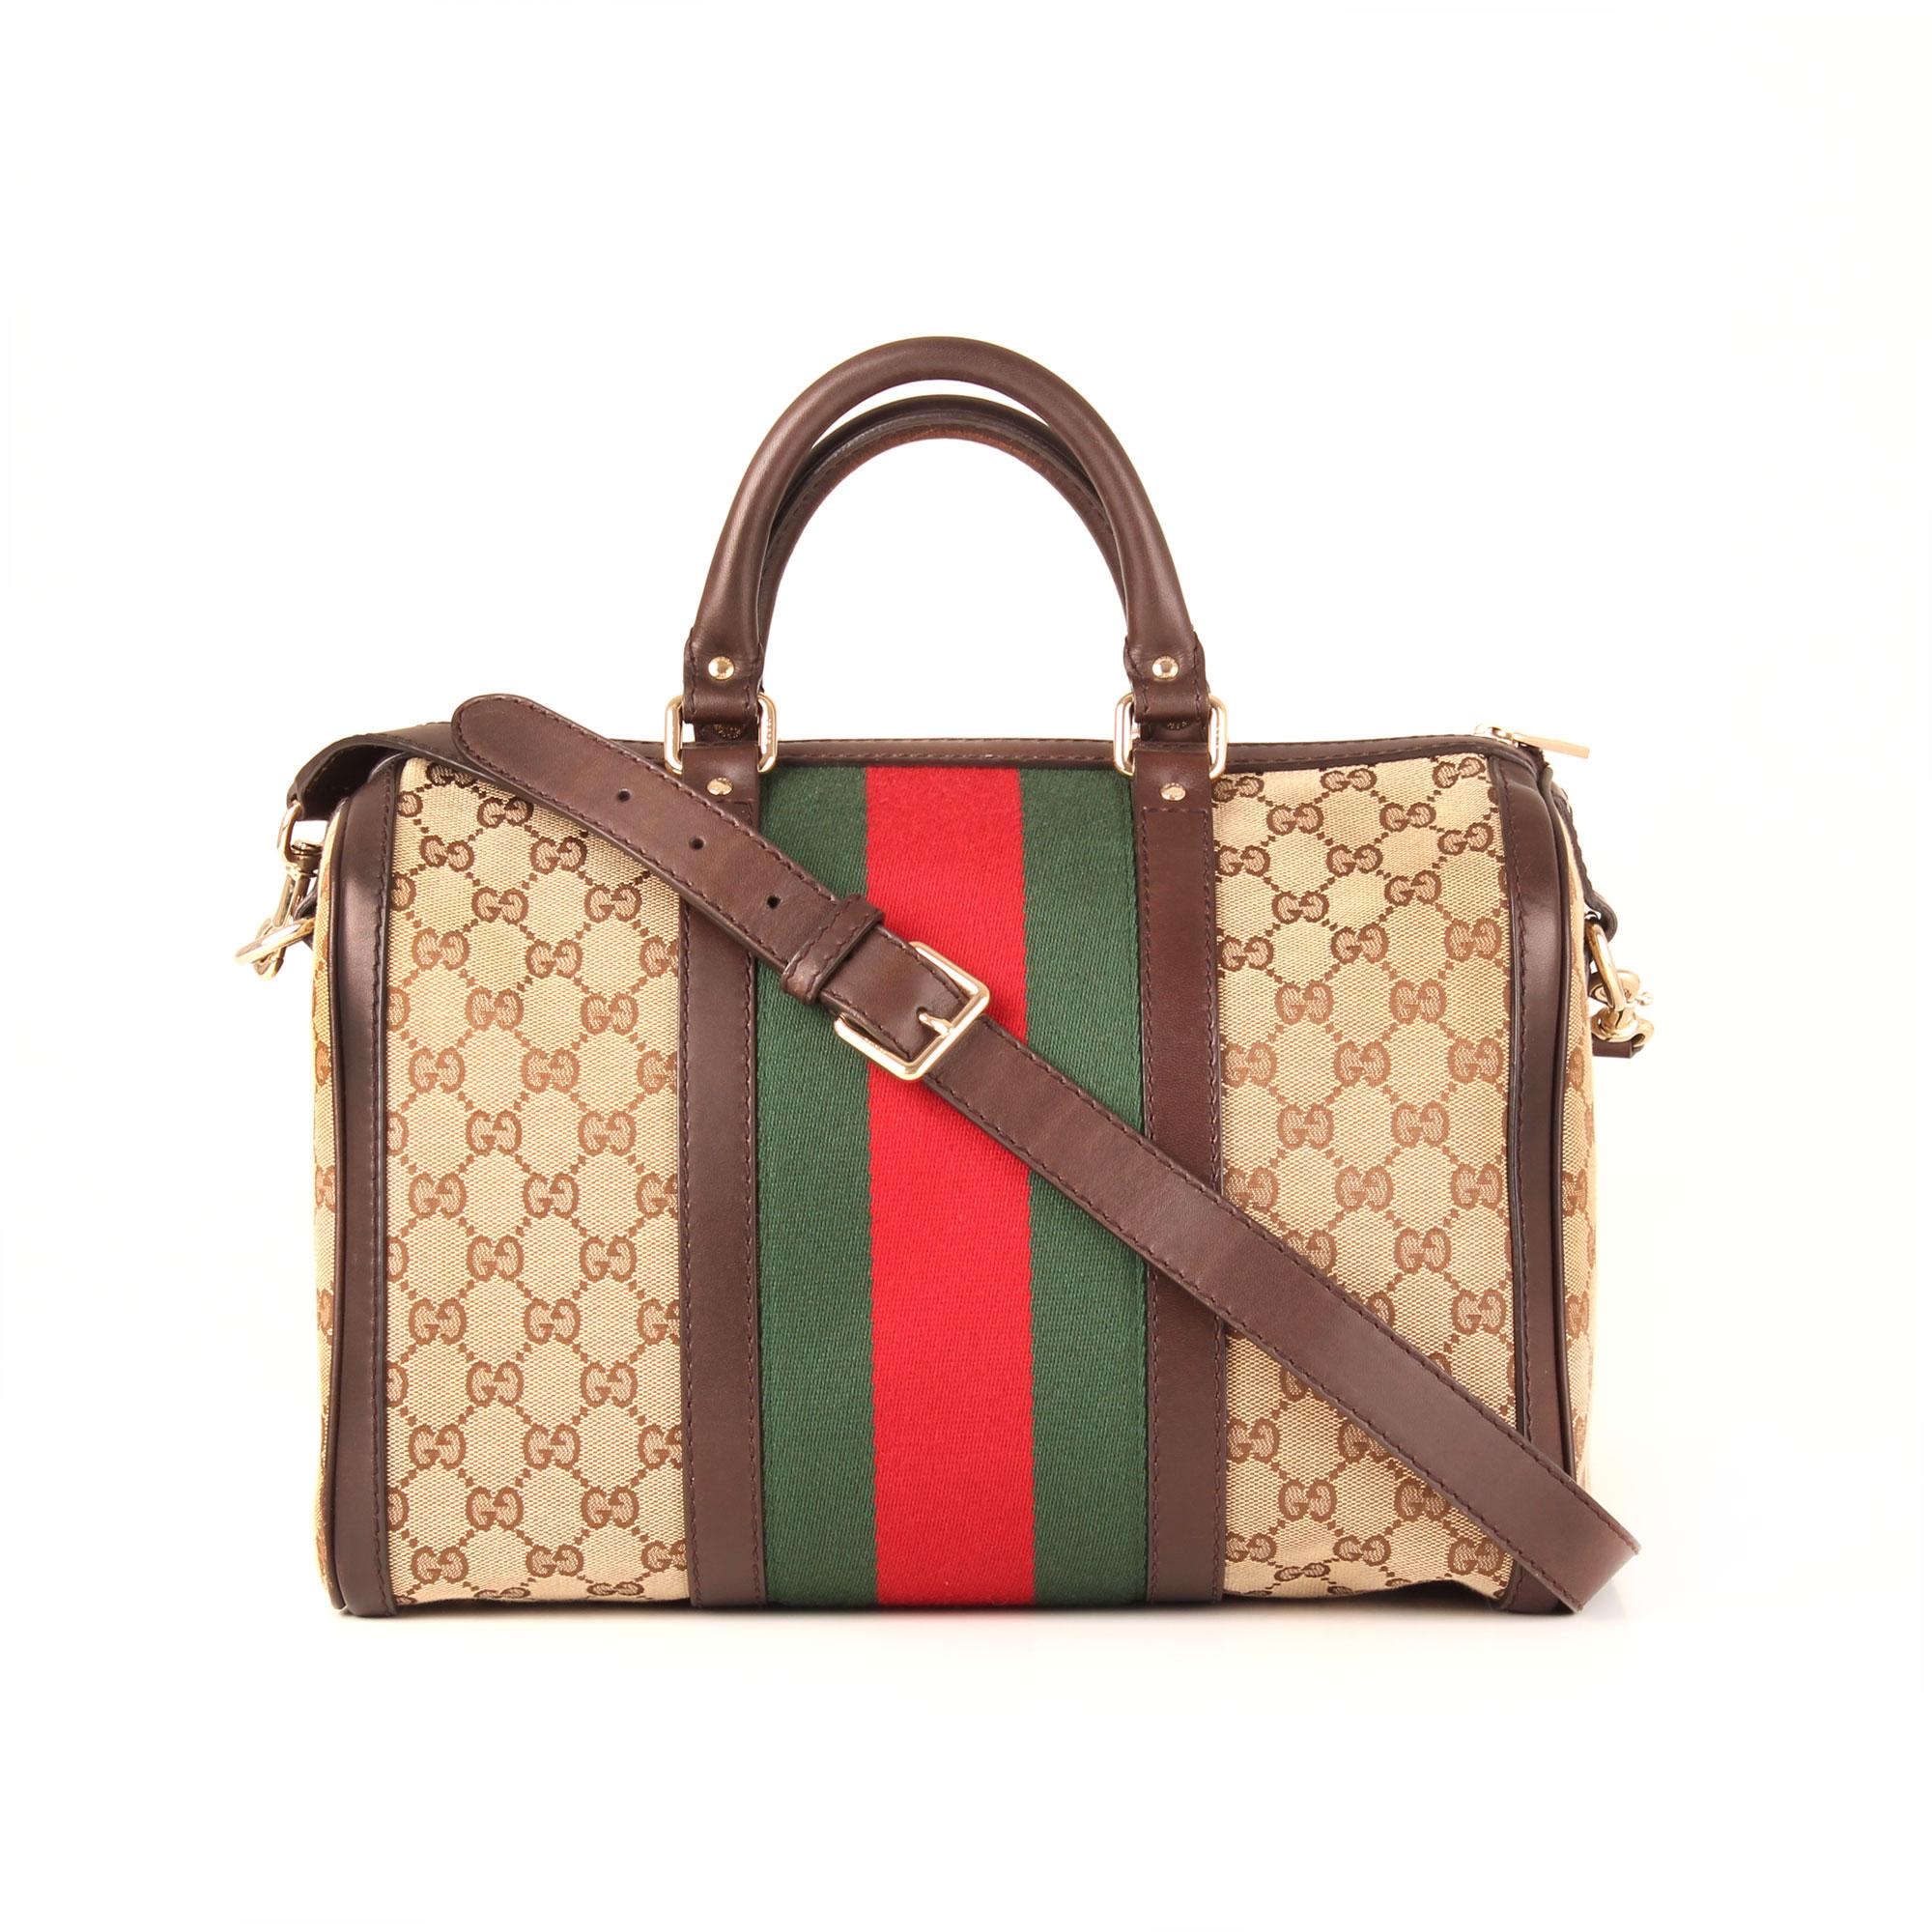 9c88c911a Cartera Para Hombre Louis Vuitton Clon   The Art of Mike Mignola